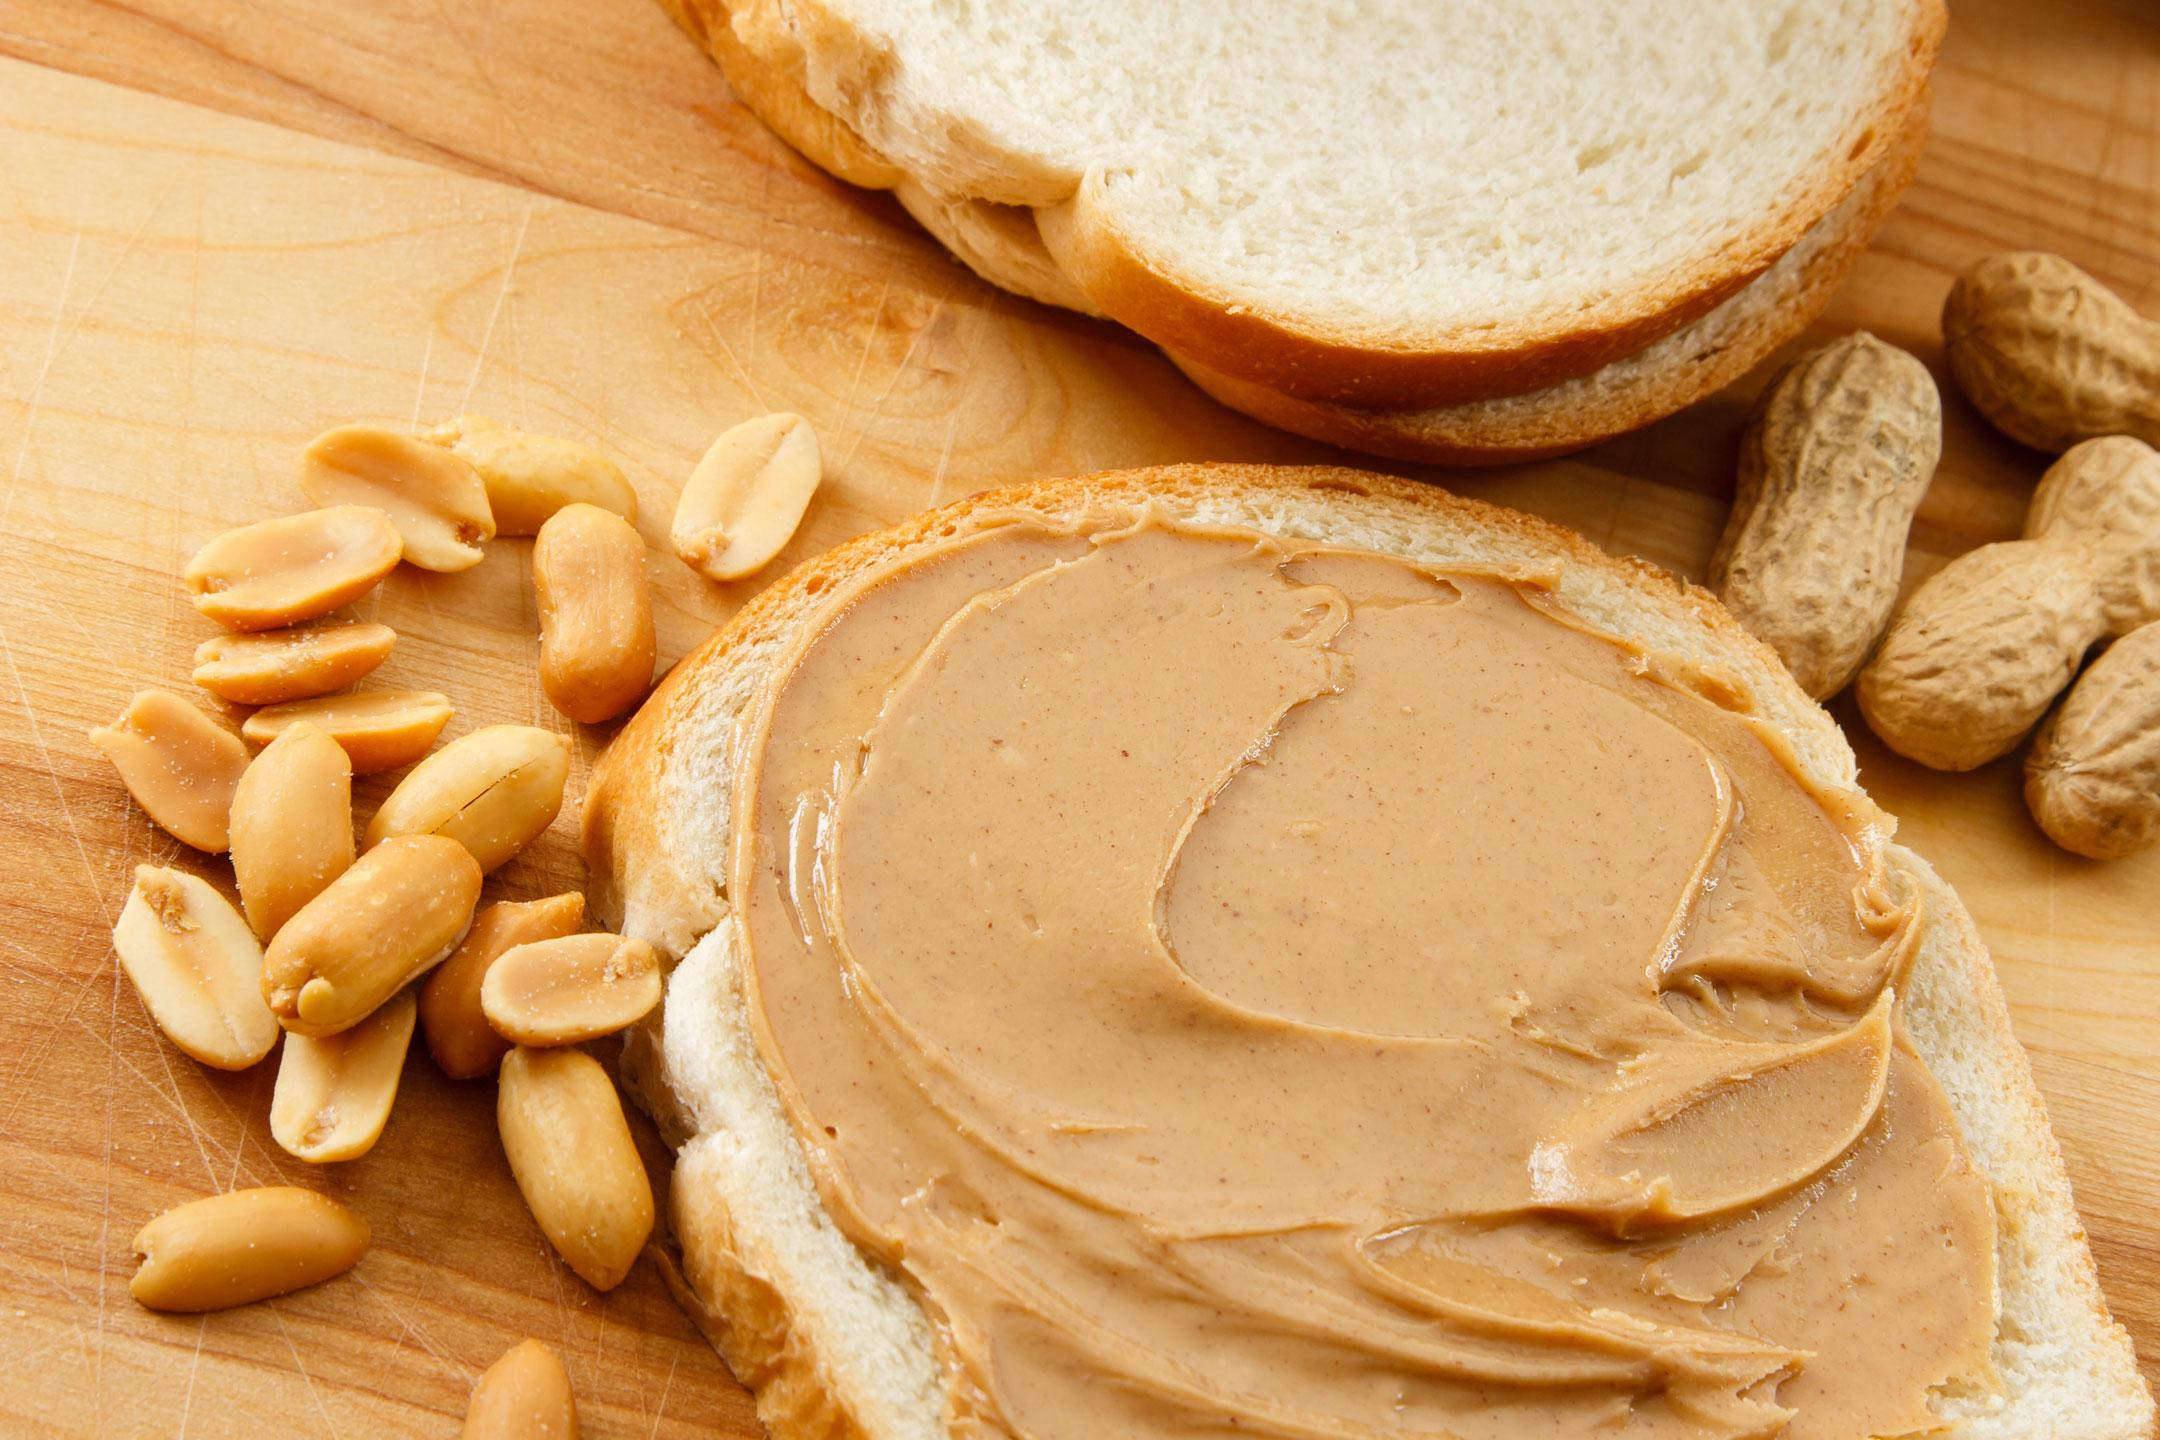 Peanut-butter-on-bread2160